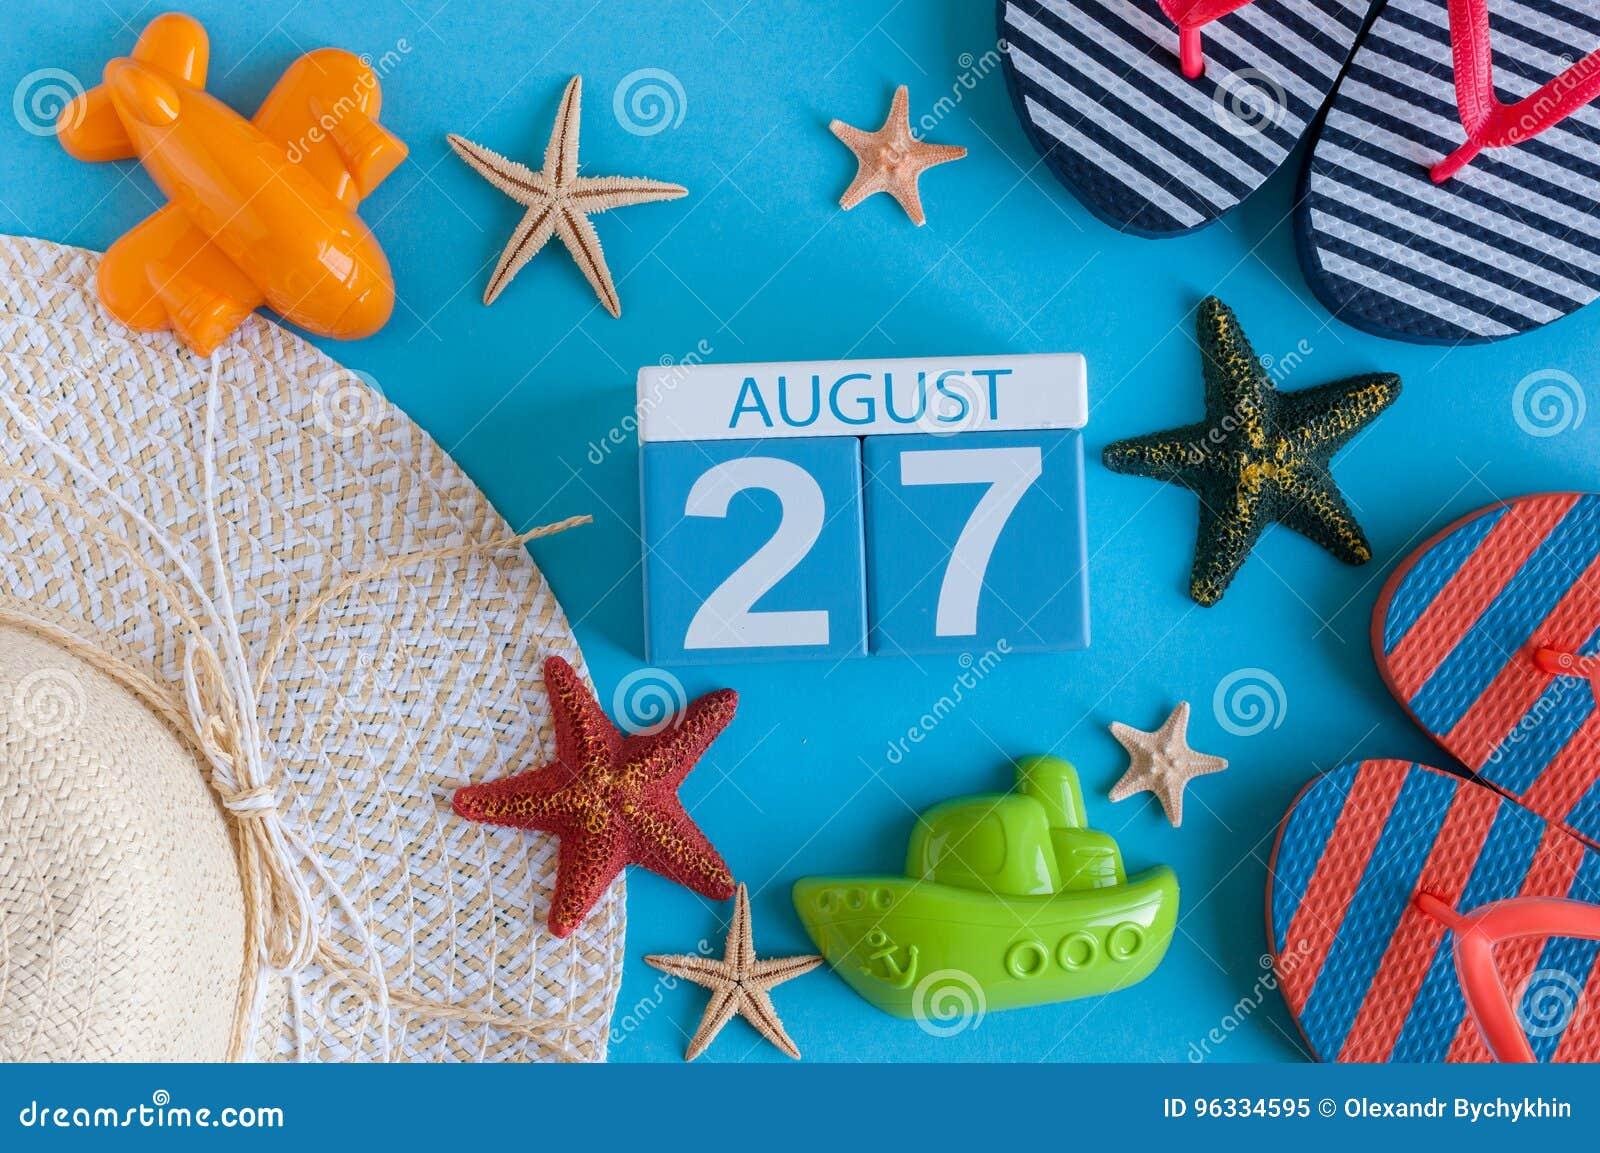 27 Αυγούστου Εικόνα του ημερολογίου της 27ης Αυγούστου με τα εξαρτήματα θερινών παραλιών και της ταξιδιωτικής εξάρτησης στο υπόβα